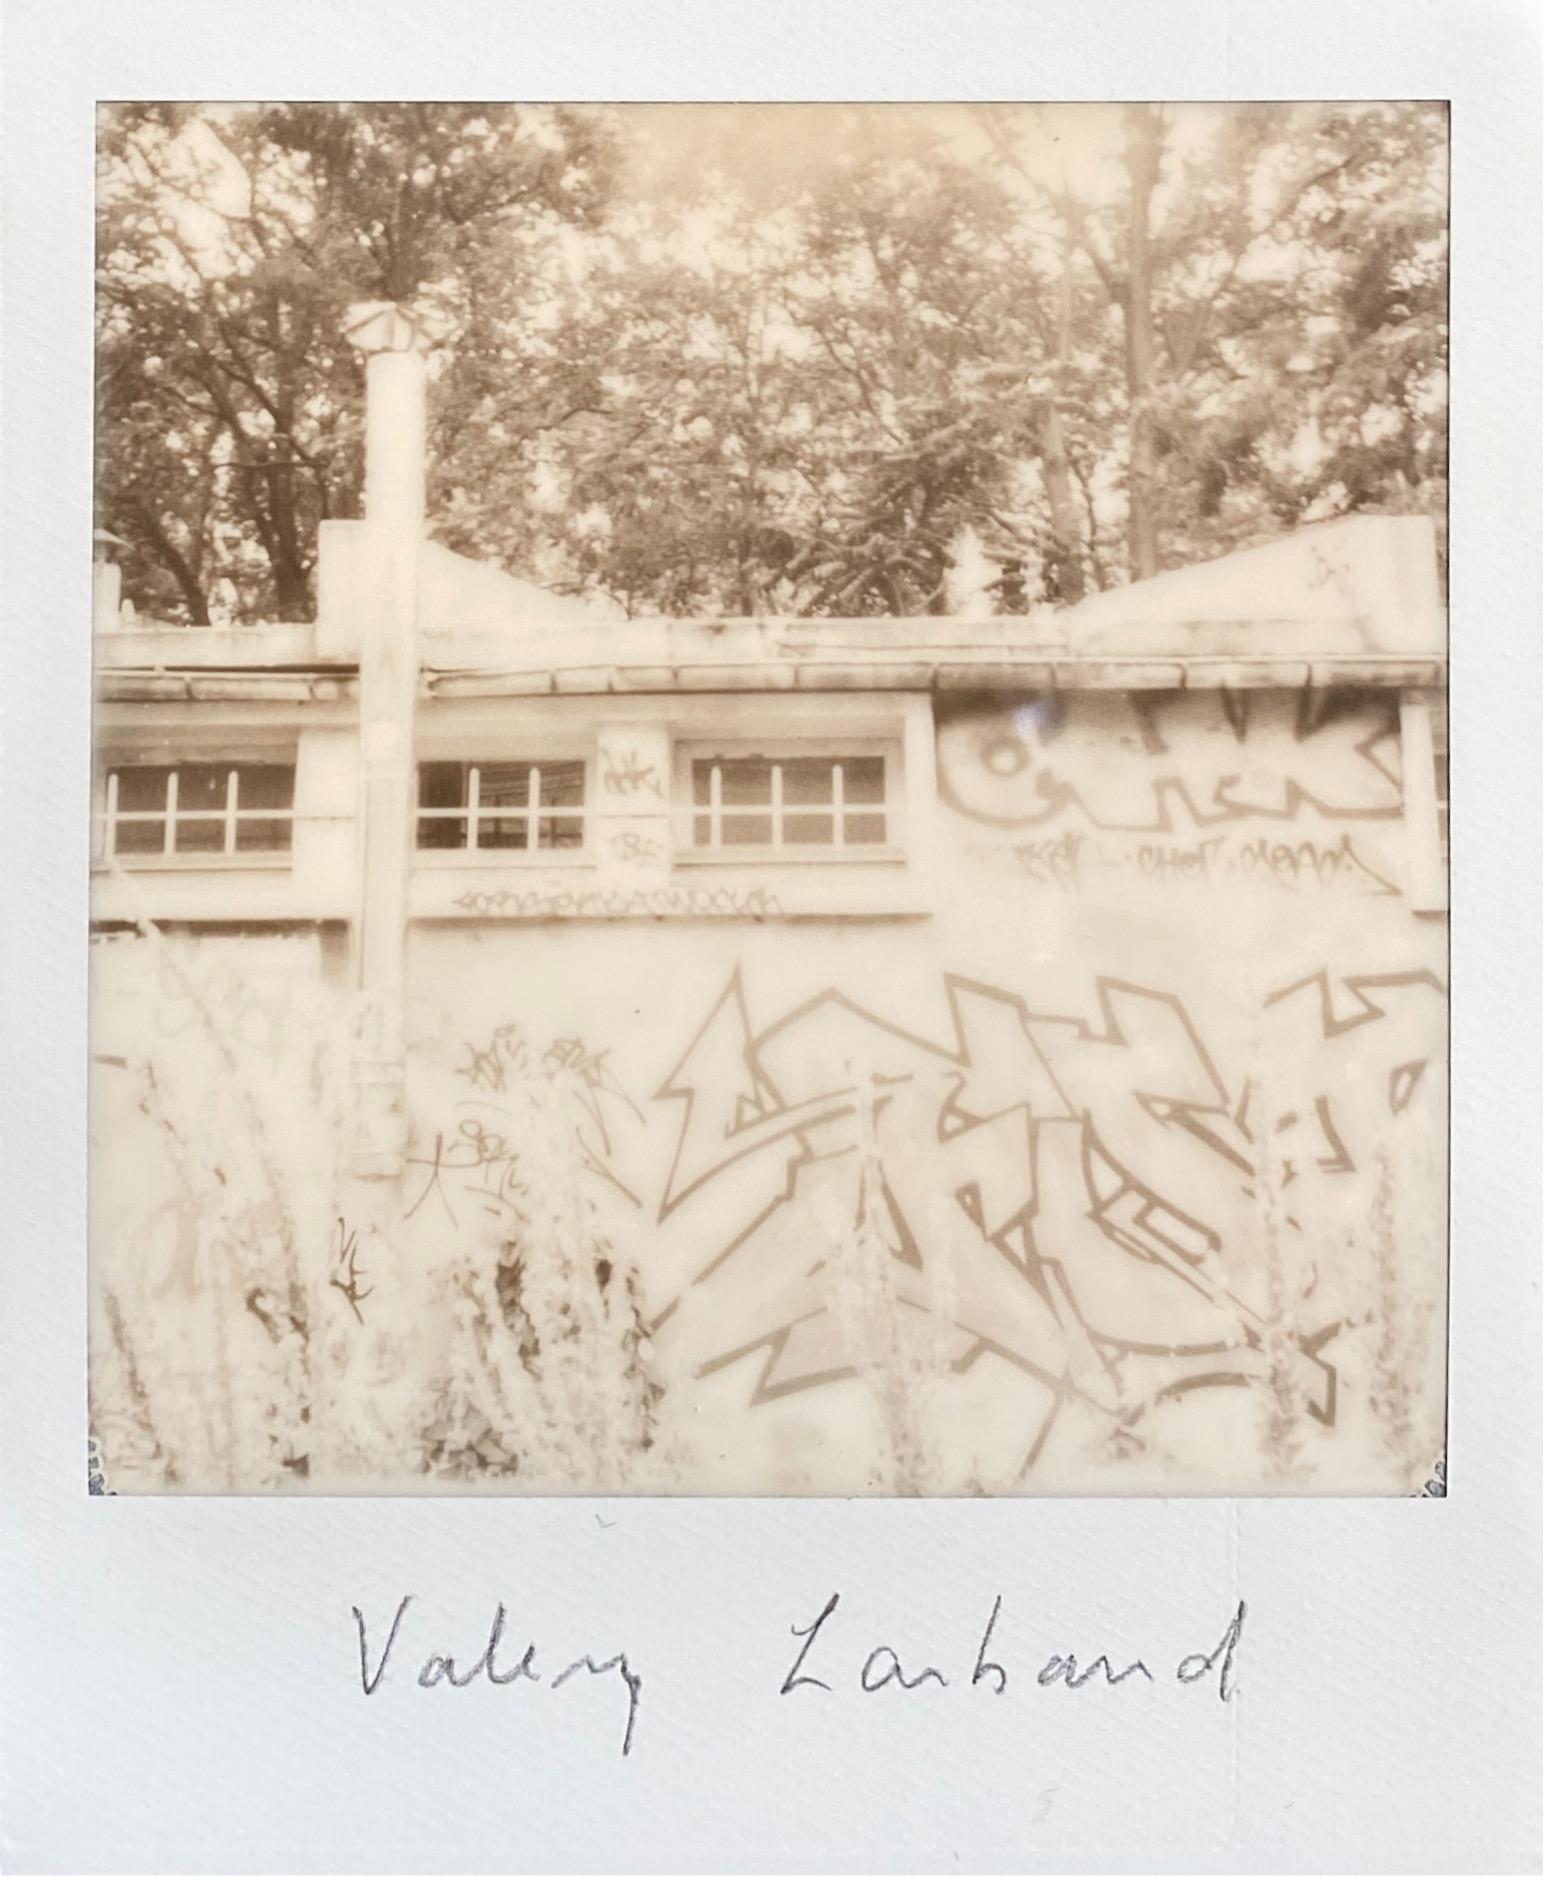 Valéry Larbaud